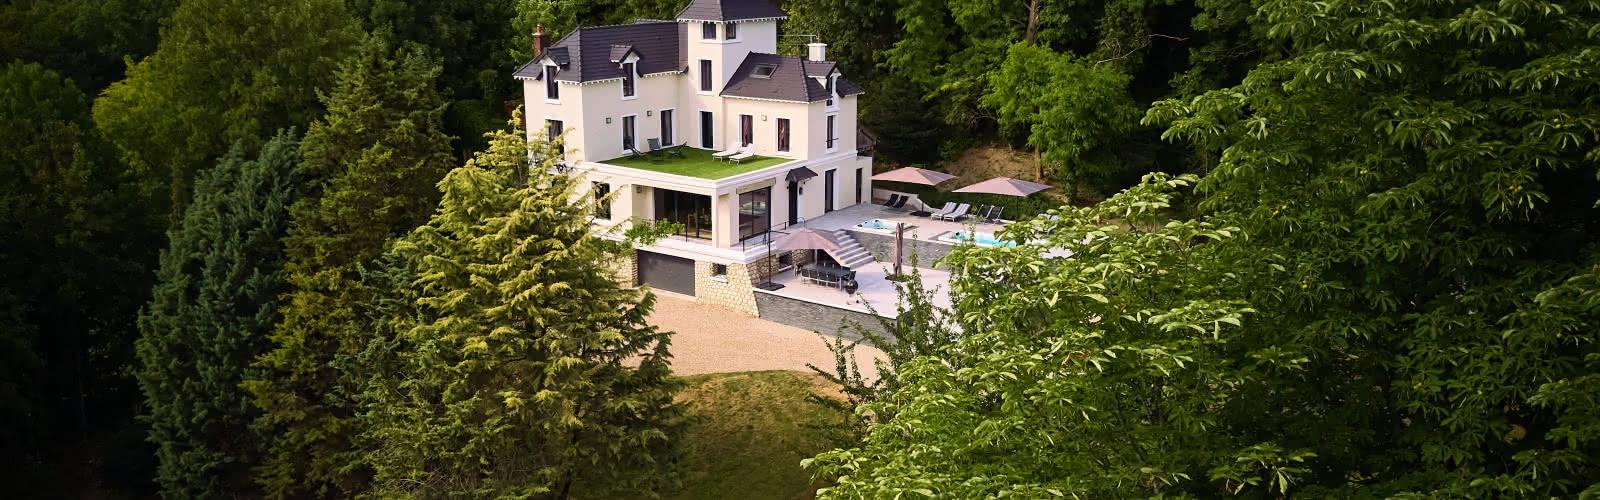 Villa Aubin